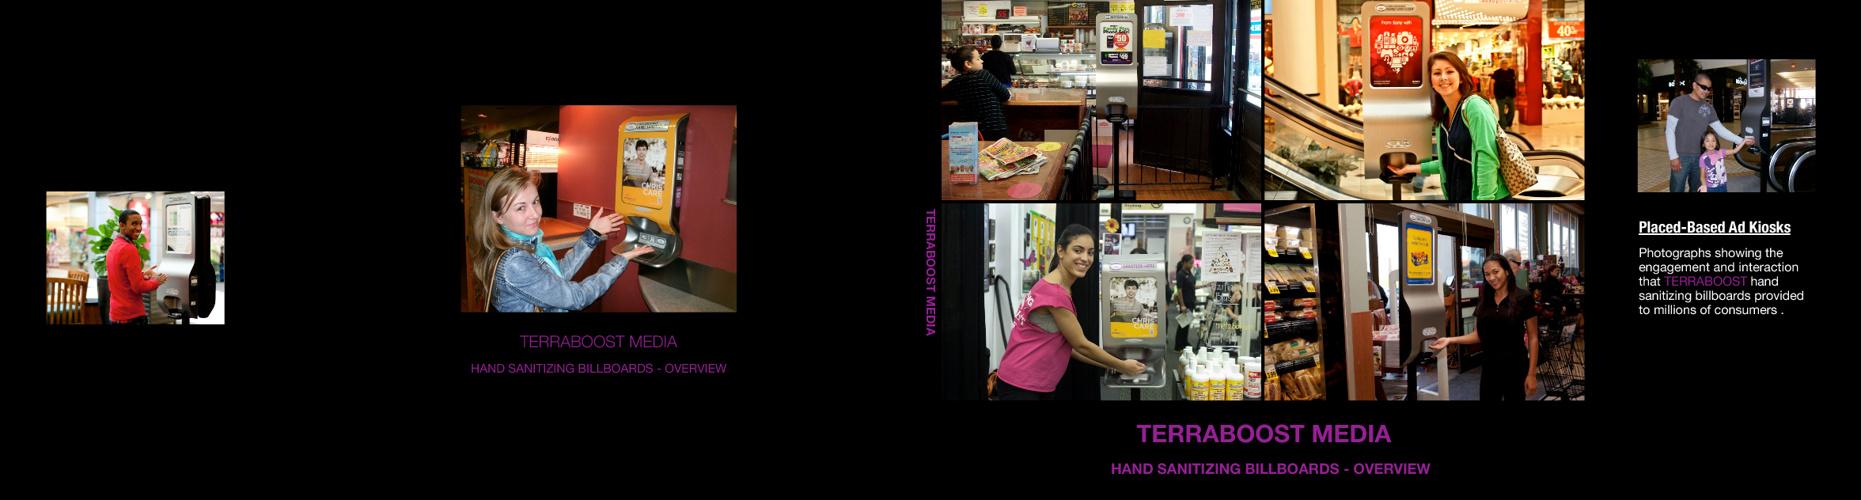 Terraboost 2012 Flipbook